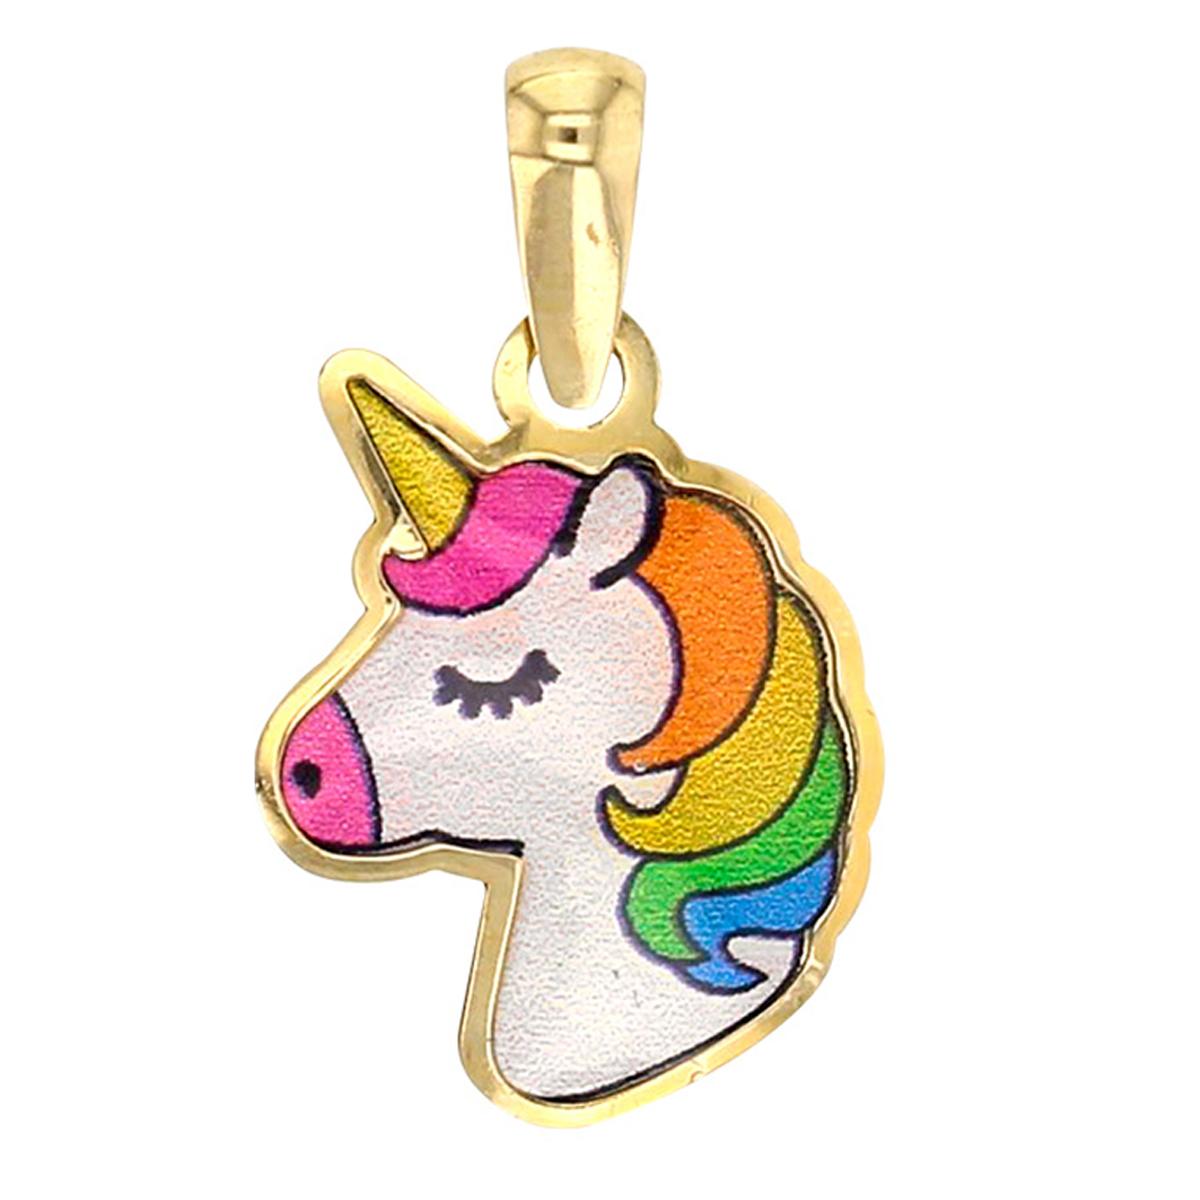 Pendentif \'Licorne My Unicorn\' multicolore doré (Or - 9 carats)  - [Q3344]